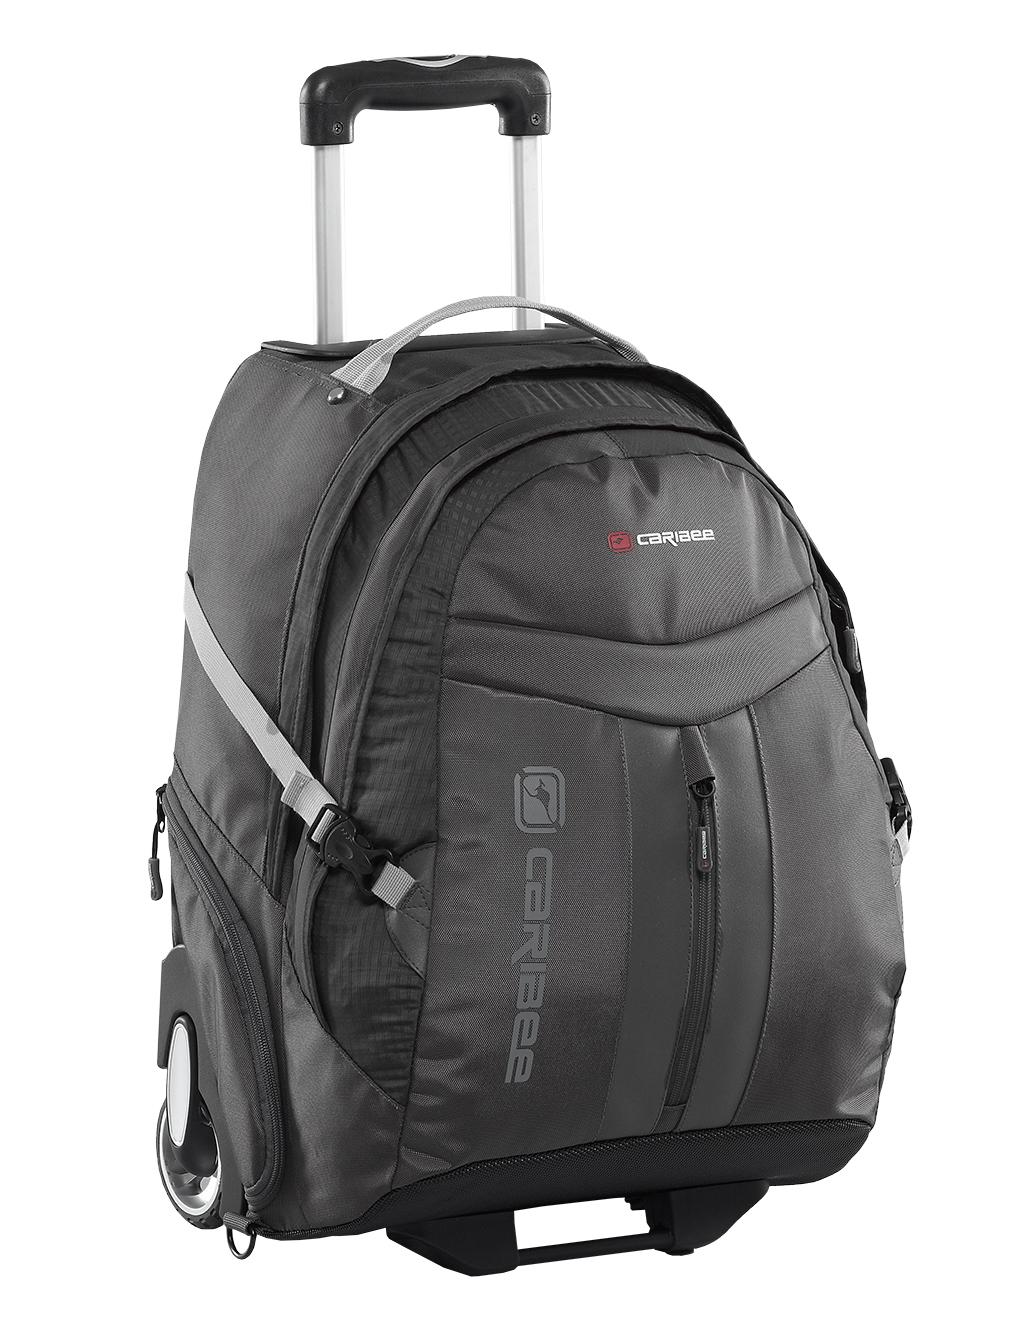 """Рюкзак на колесах Caribee Time Traveller, цвет: черный, 35 л6813Квадратный багаж – это скучно! Гораздо лучше путешествовать с багажом, который подчеркивает вашу индивидуальность. Caribee специализируется на создании инновационных рюкзаков для «авантюристов». В огромном ассортименте от маленьких сумок, подходящих для салона самолета, и заканчивая массивными 130-и литровыми рюкзаками на колесах, вы сможете найти именно тот вариант, который был сделан специально для вас. Современный дизайн с использованием новейших материалов и удобный корпус с выдвигающийся алюминиевой ручкой и большими колесами являются наилучшим решением для современного походного багажа. Рюкзак на колесиках; Соответствует стандартам, допускаемым на борт самолета (105 см); Алюминиевая выдвижная ручка для перевозки на колесиках; Регулируемая система спинки; Мягкий чехол для ноутбука с диагональю до 15,4""""; Вмещает документы формата А4; Внутренний органайзер. Регулируемая подвесная система с мягкой спинкой и анатомическими лямками равномерно распределяет нагрузку по всей спине. ..."""